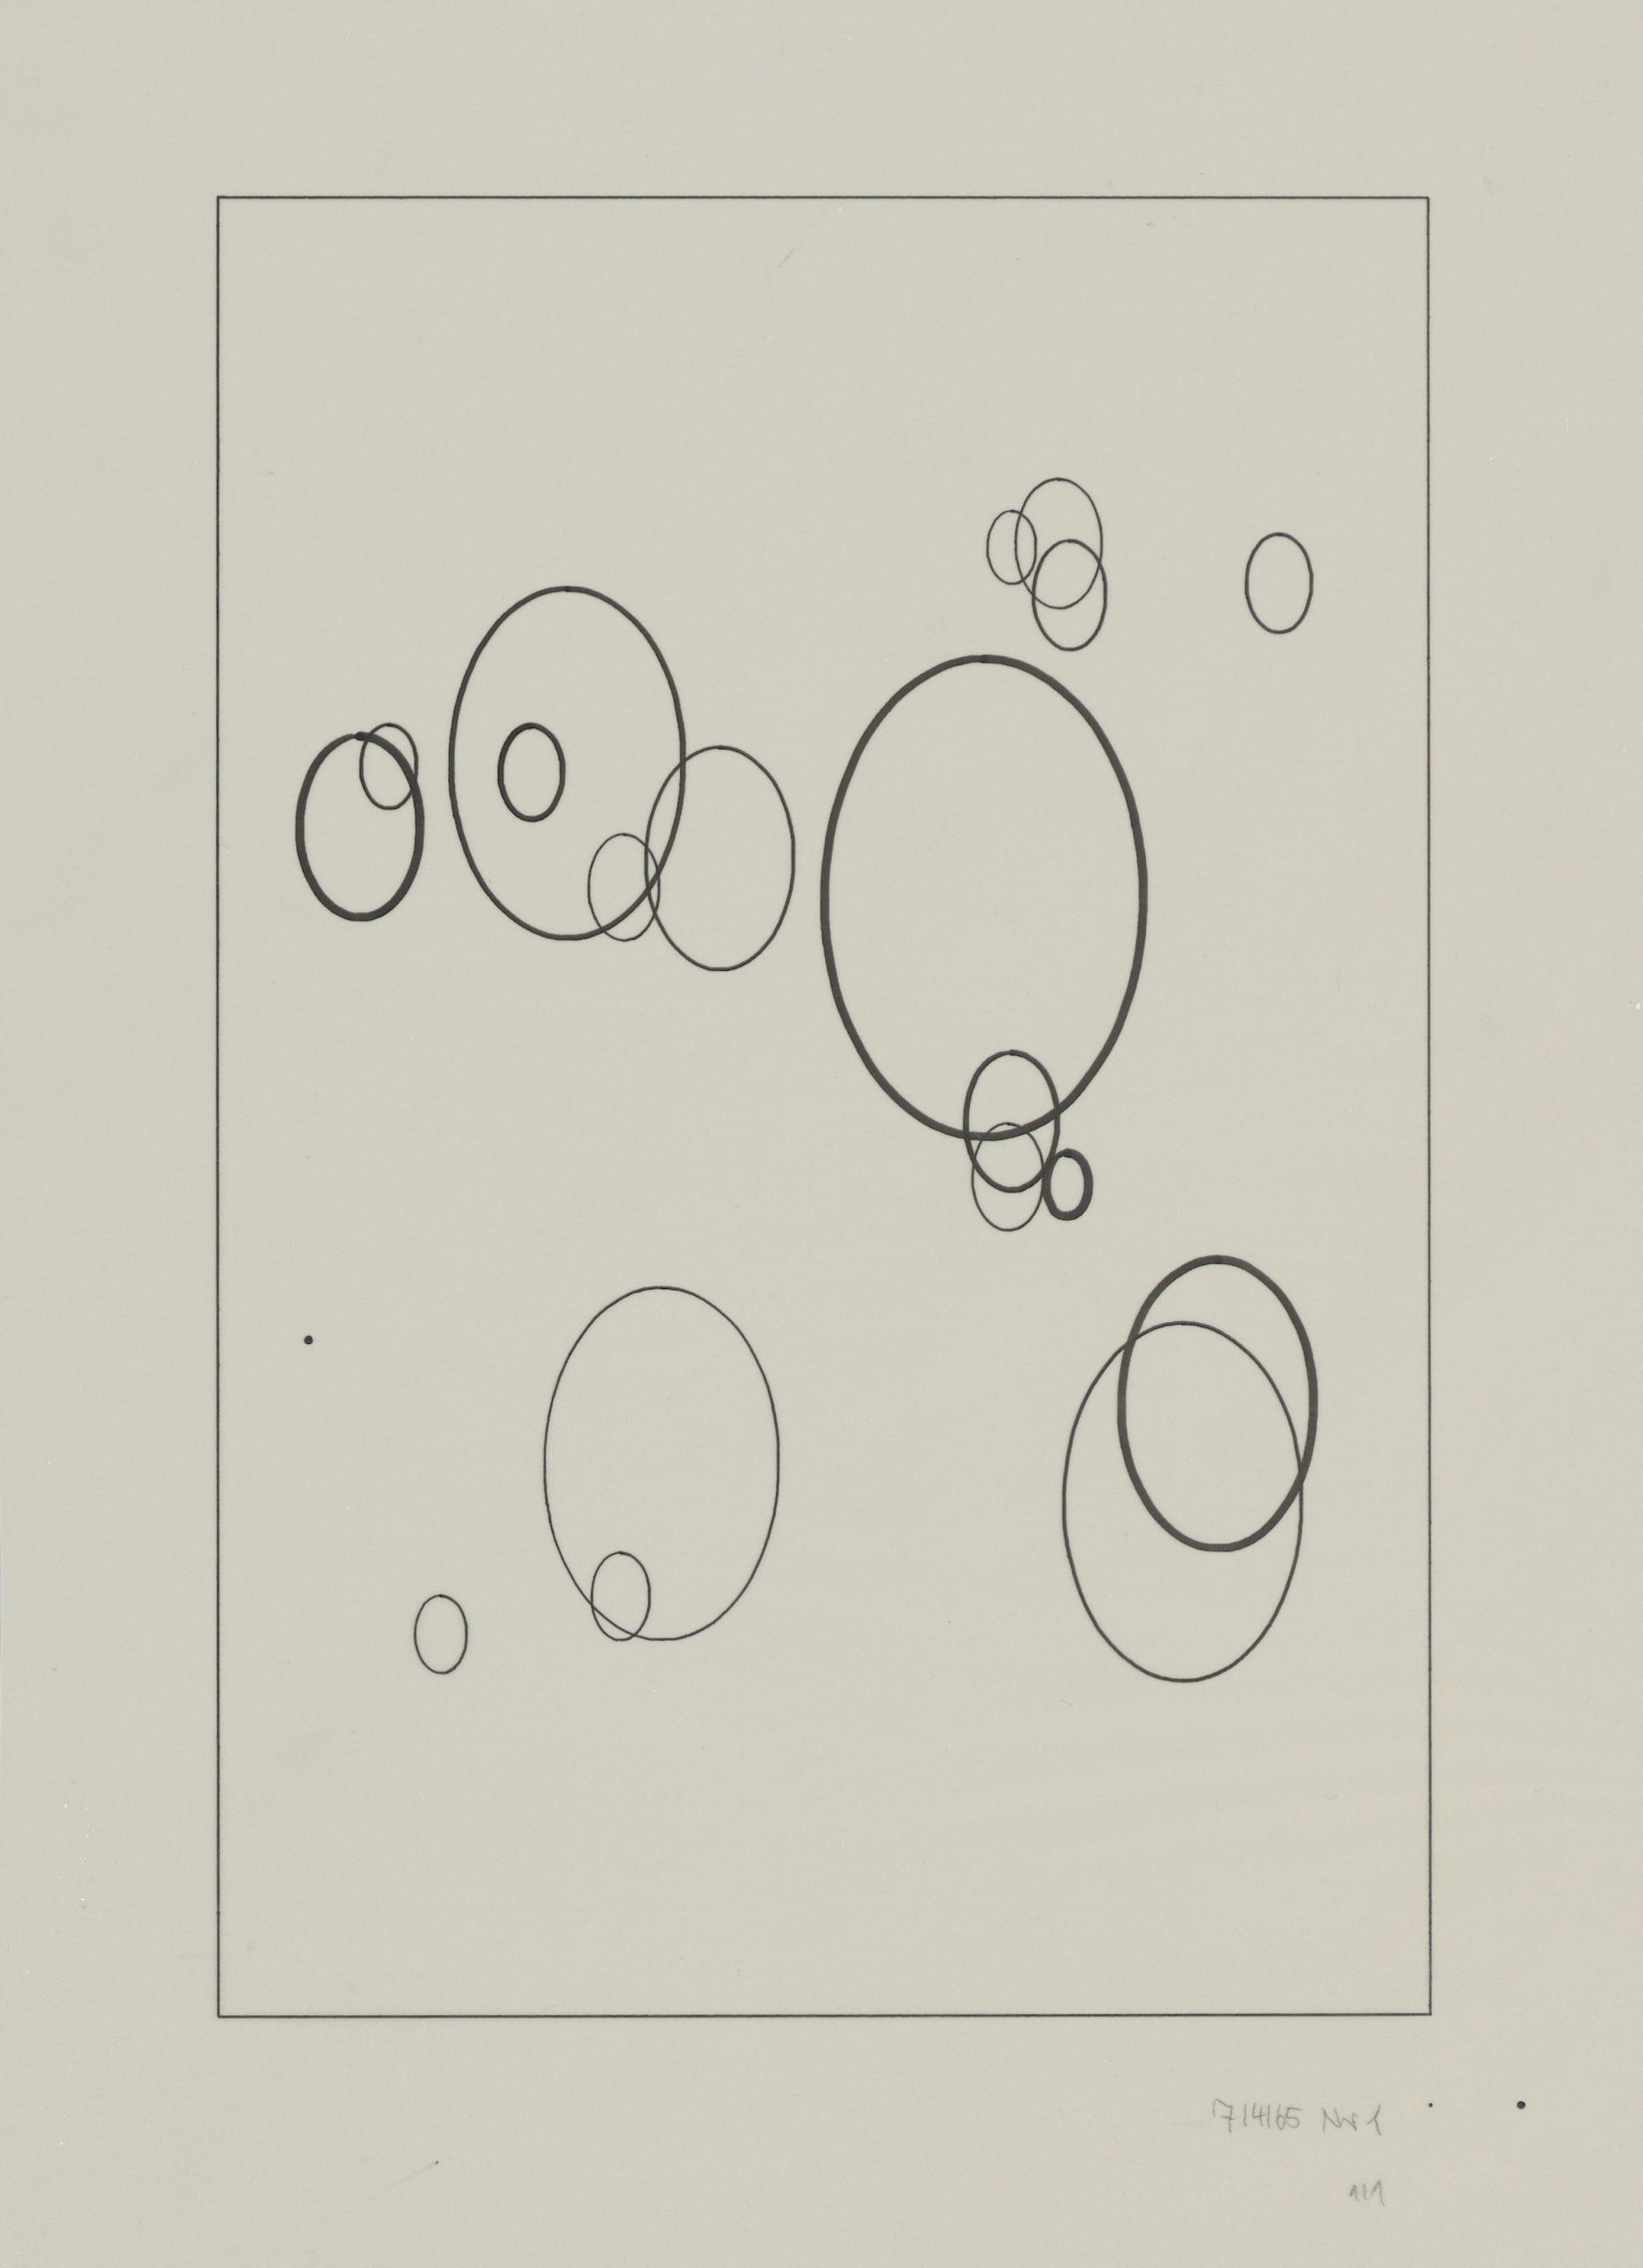 Frieder Nake, Plotterzeichnung, Tinte auf Papier, 30 x 20 cm, 1965, Preis: 4 000 Euro